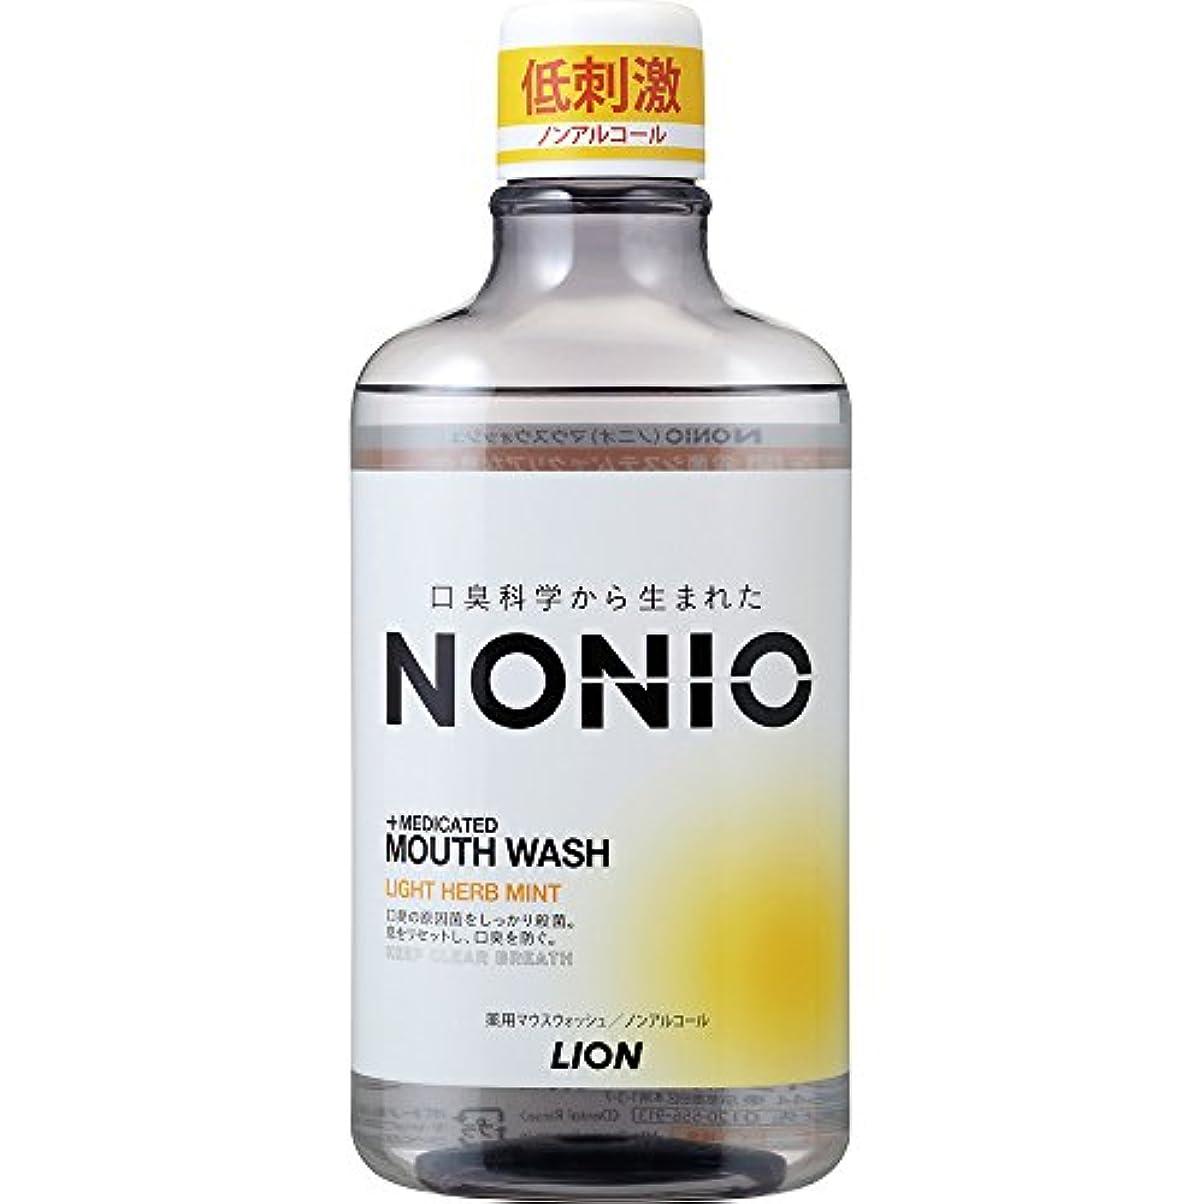 土曜日スポーツの試合を担当している人ソブリケットNONIO マウスウォッシュ ノンアルコール ライトハーブミント 600ml 洗口液 (医薬部外品)